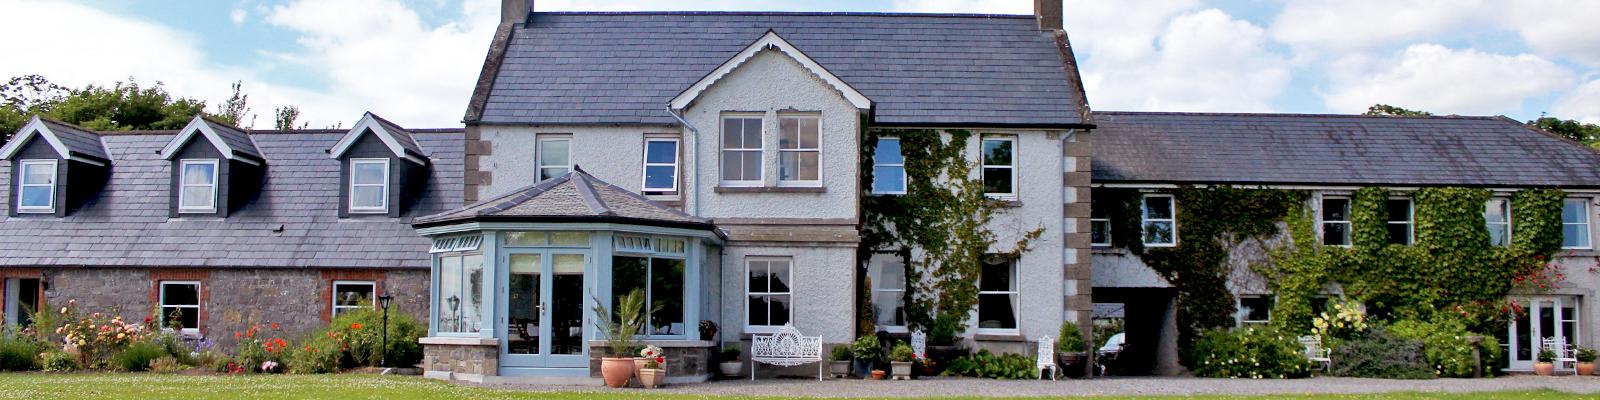 Boyne-View-with-Sunroom-1600x400